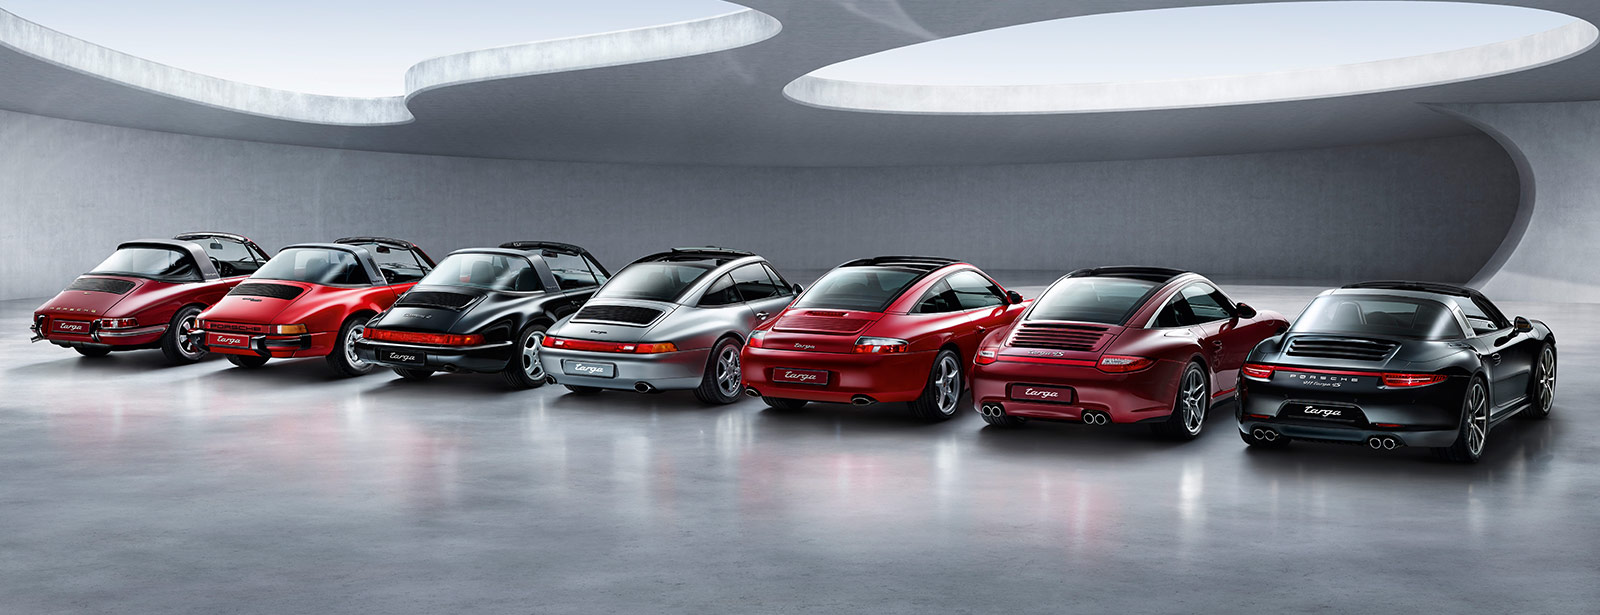 De Nieuwe Porsche 911 Targa 4 Carhotspot Autonieuws